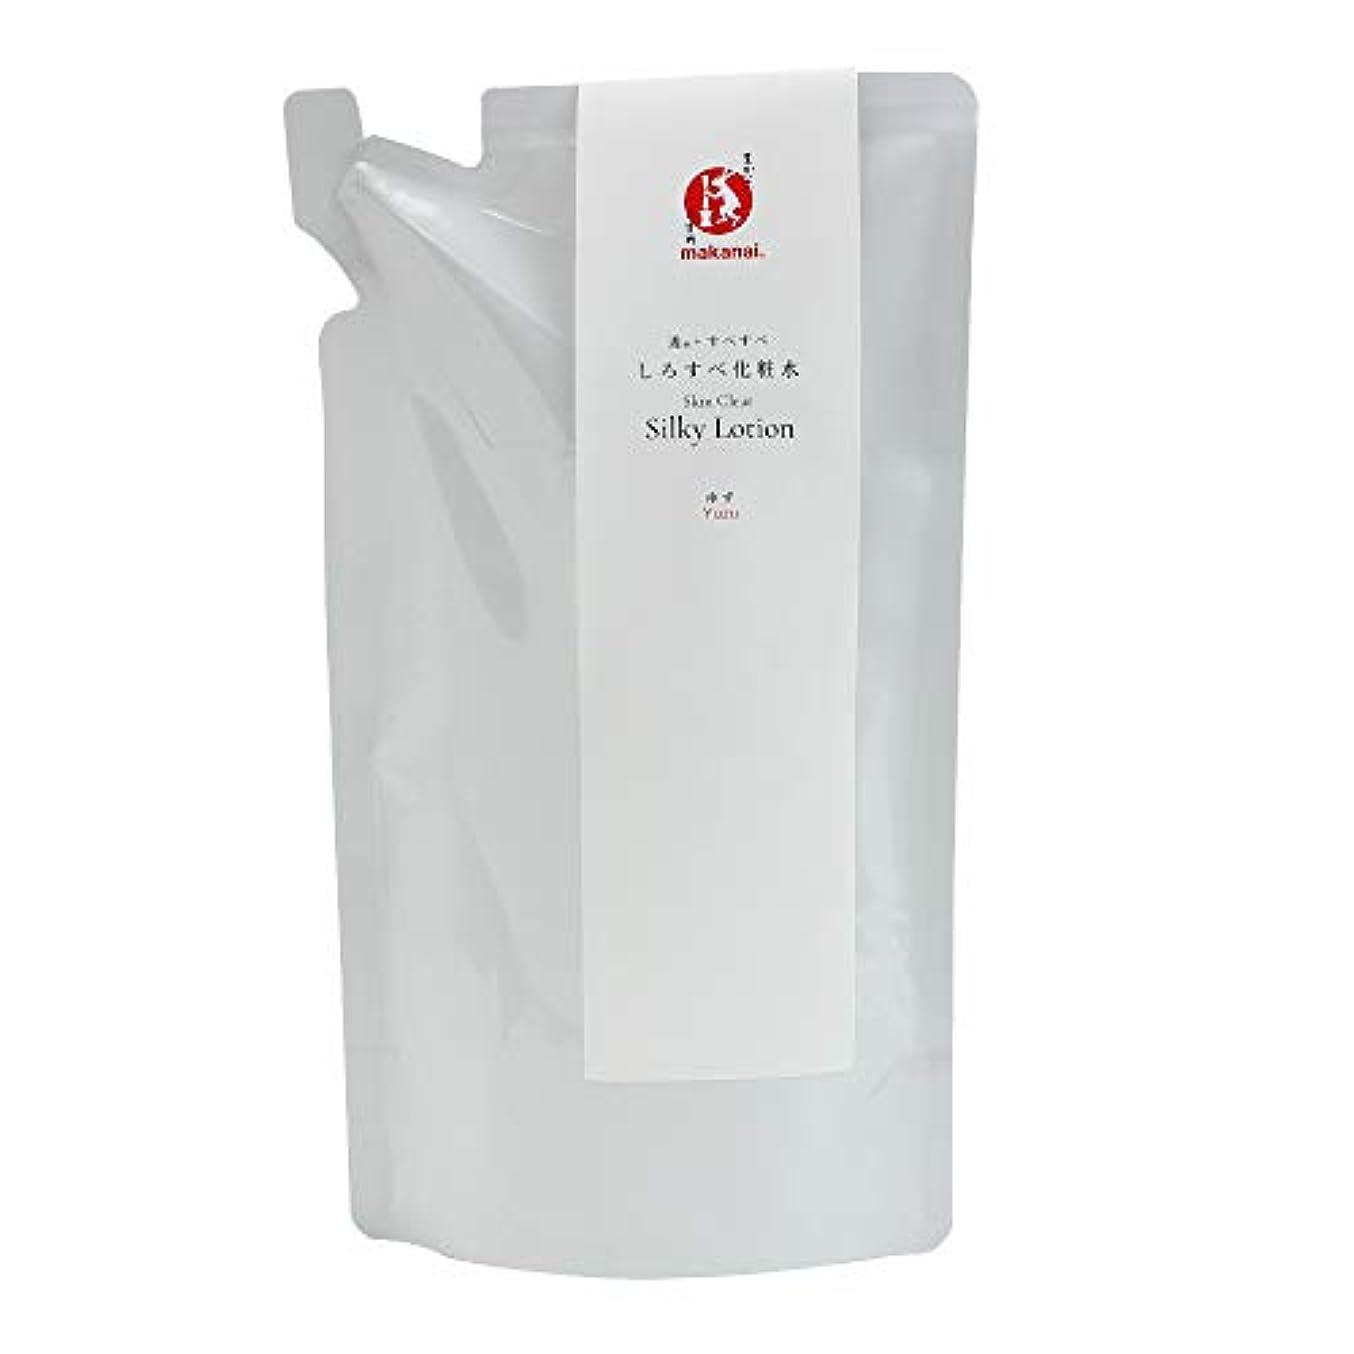 食用ブランク不信まかないこすめ しろすべ化粧水(詰め替え用) 150ml